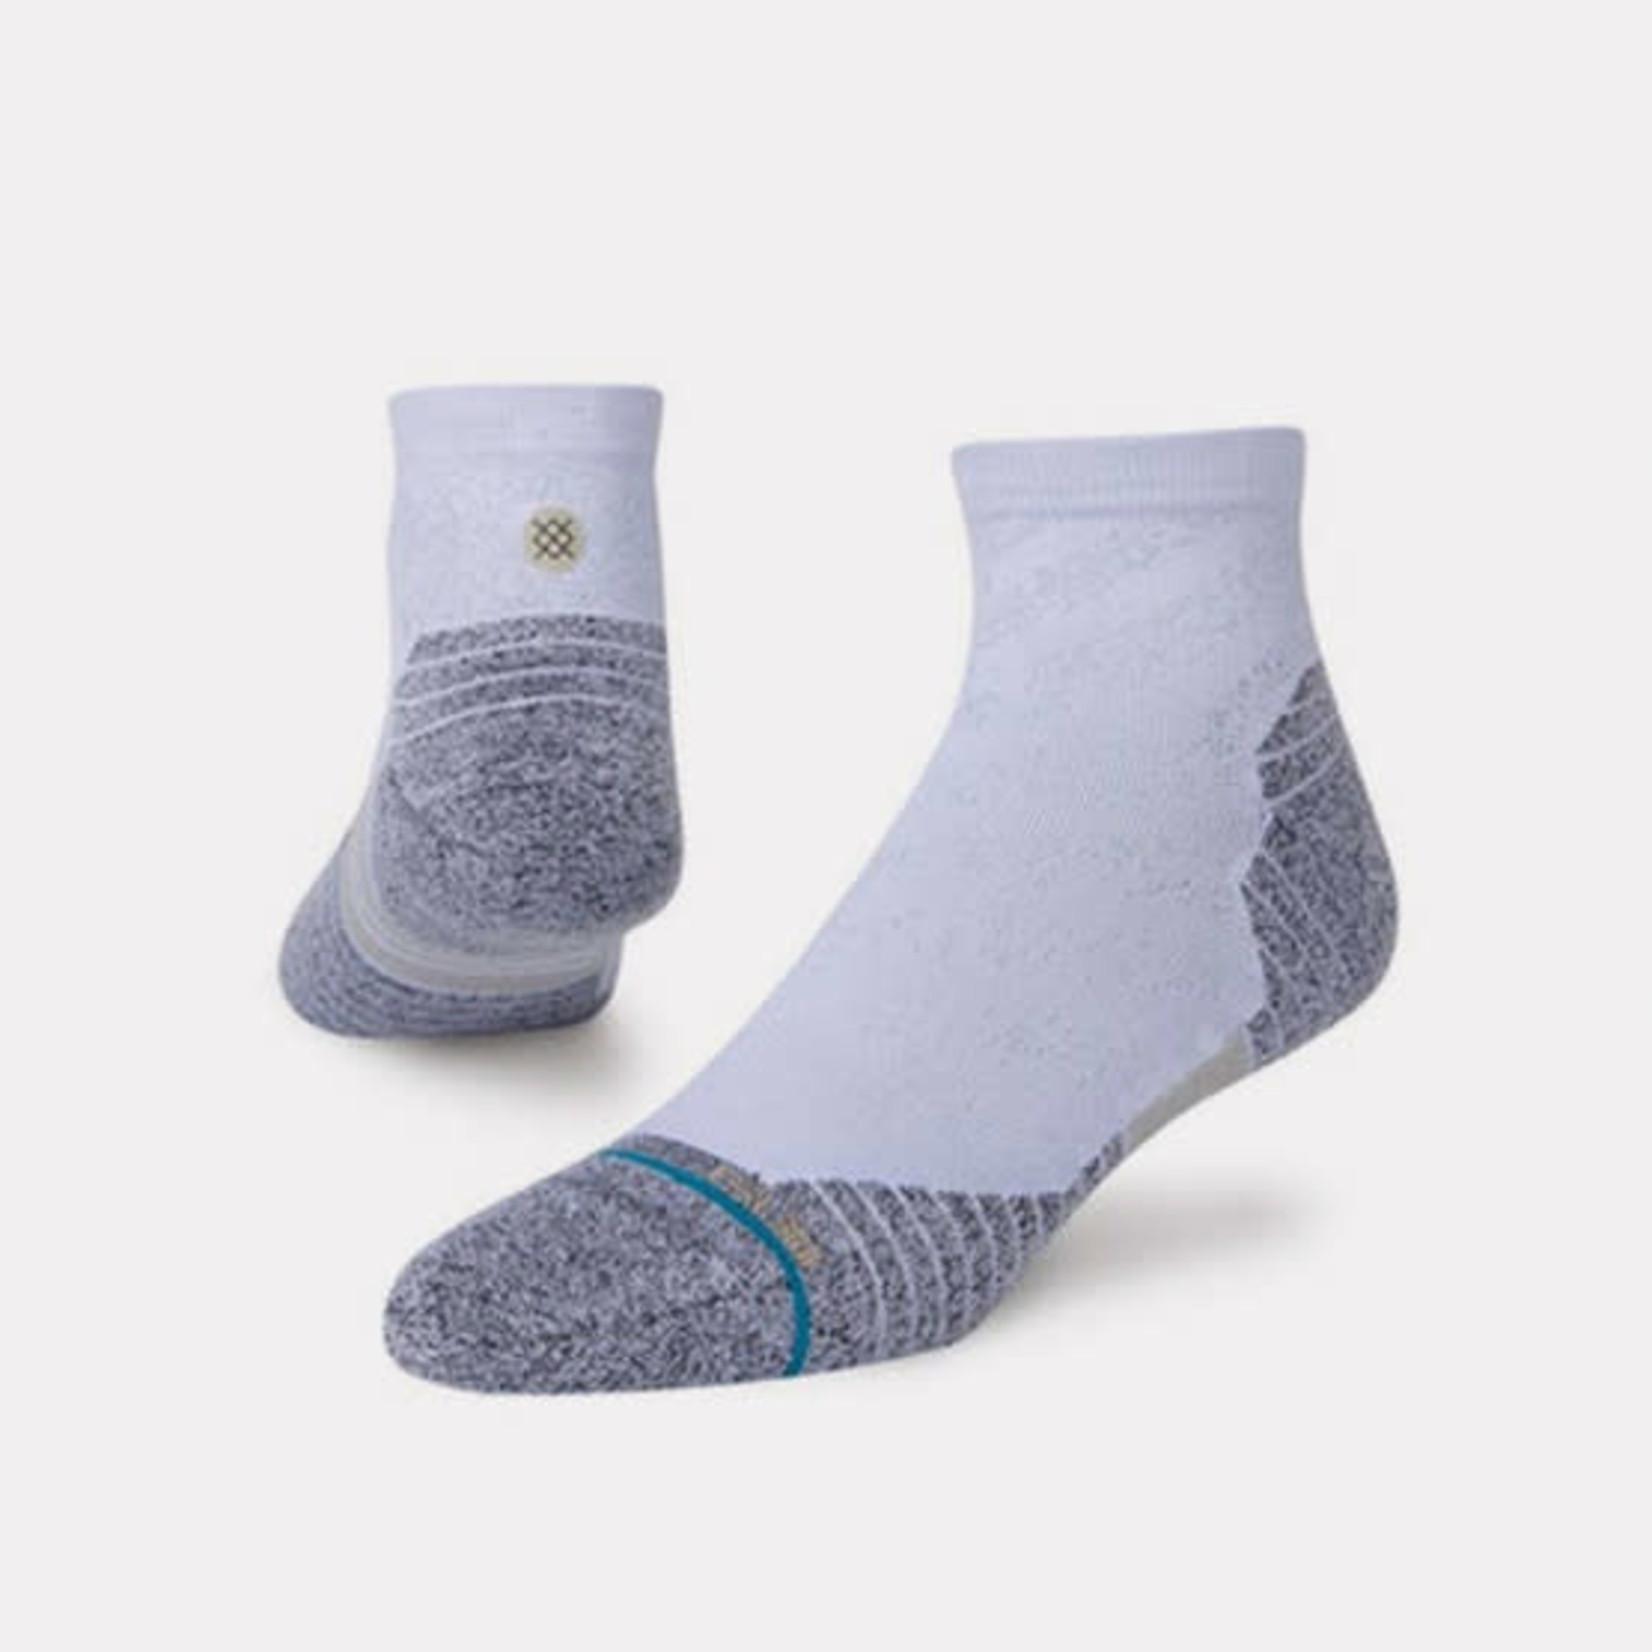 Stance Stance Socks, Run Quarter ST